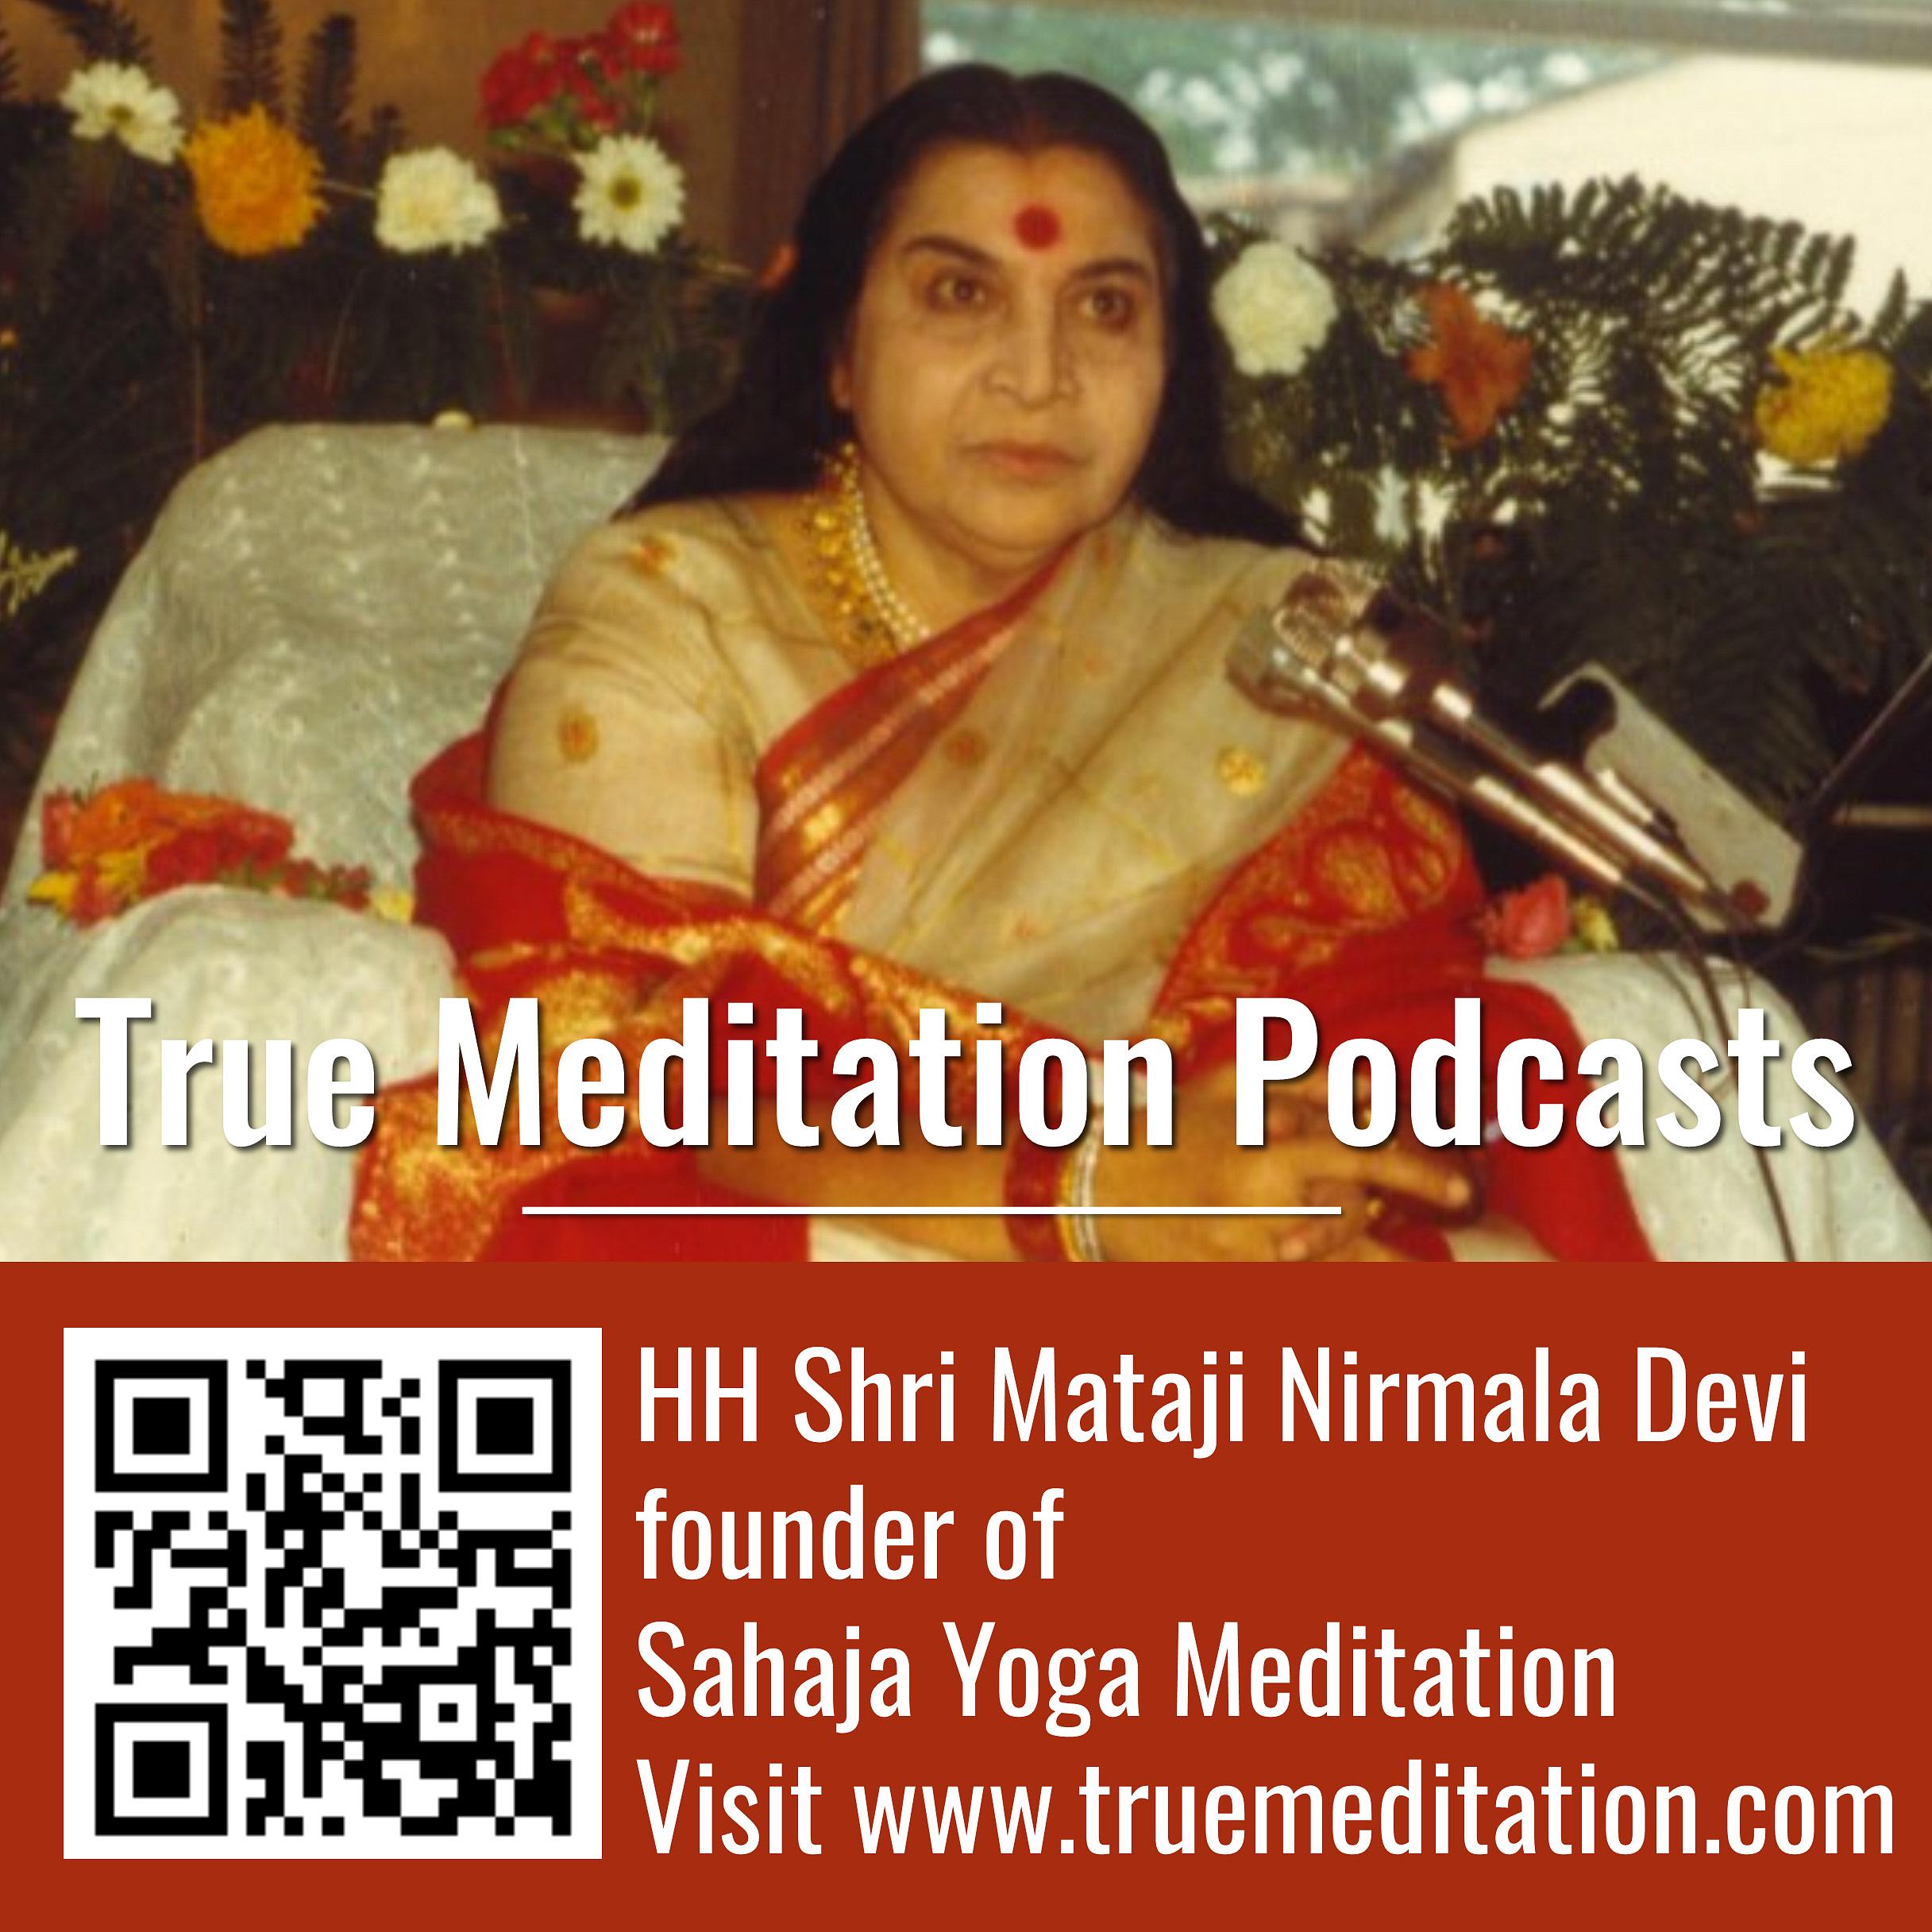 True meditation podcasts